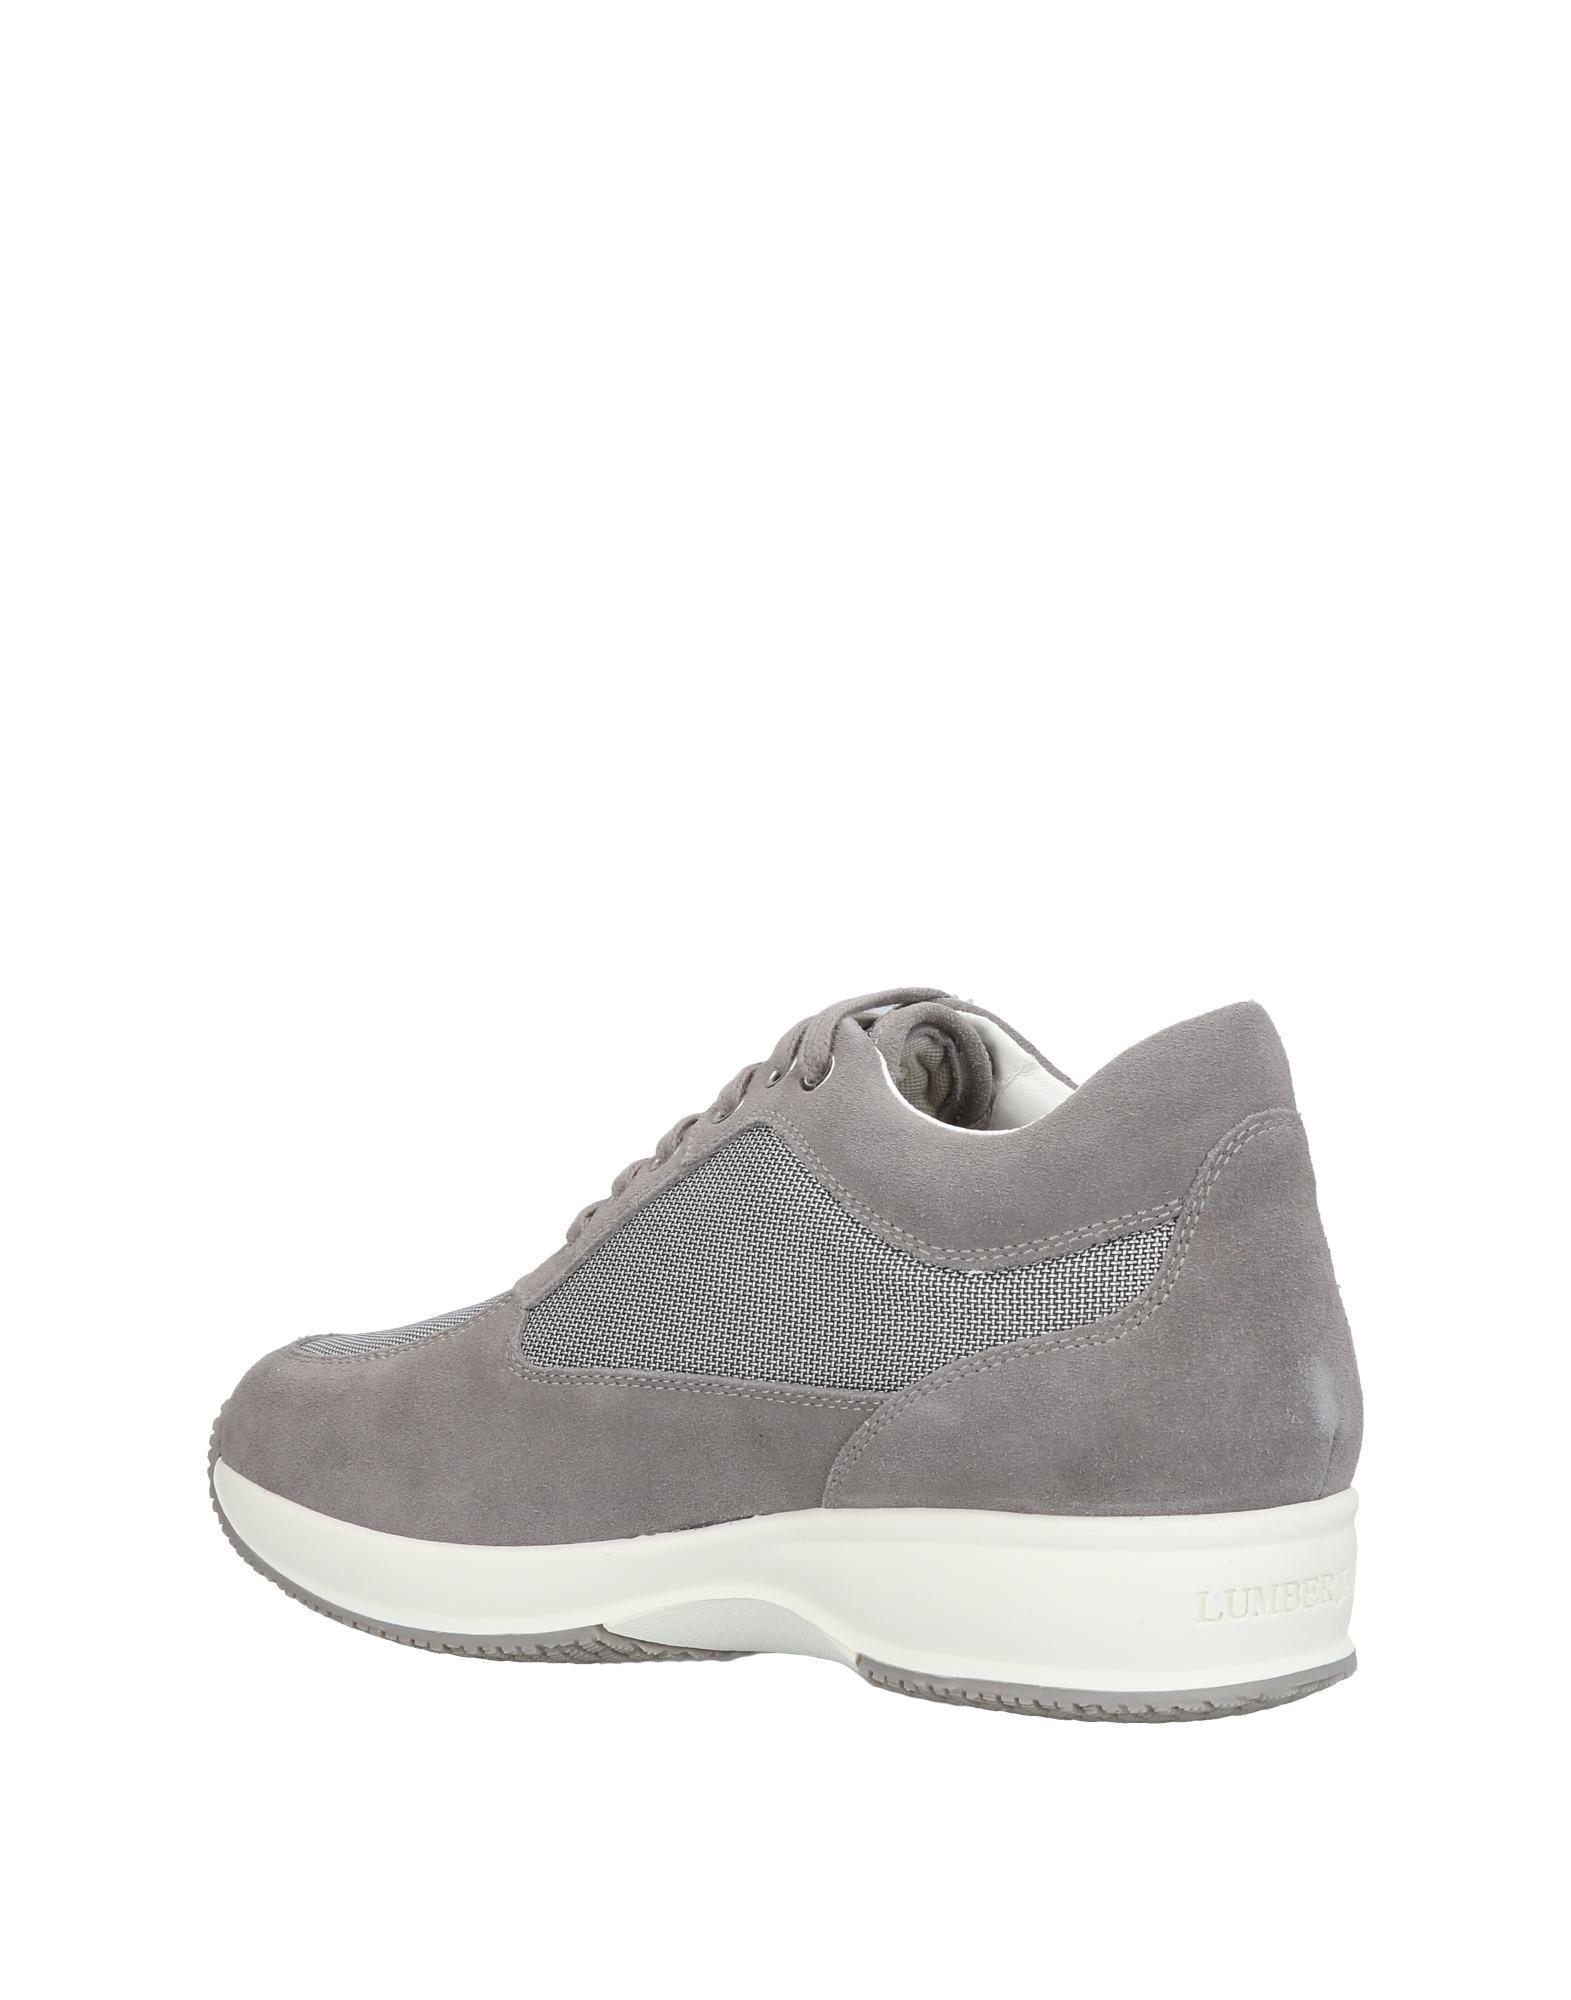 Lumberjack Sneakers 11441726RP Herren  11441726RP Sneakers Heiße Schuhe 0abfaf